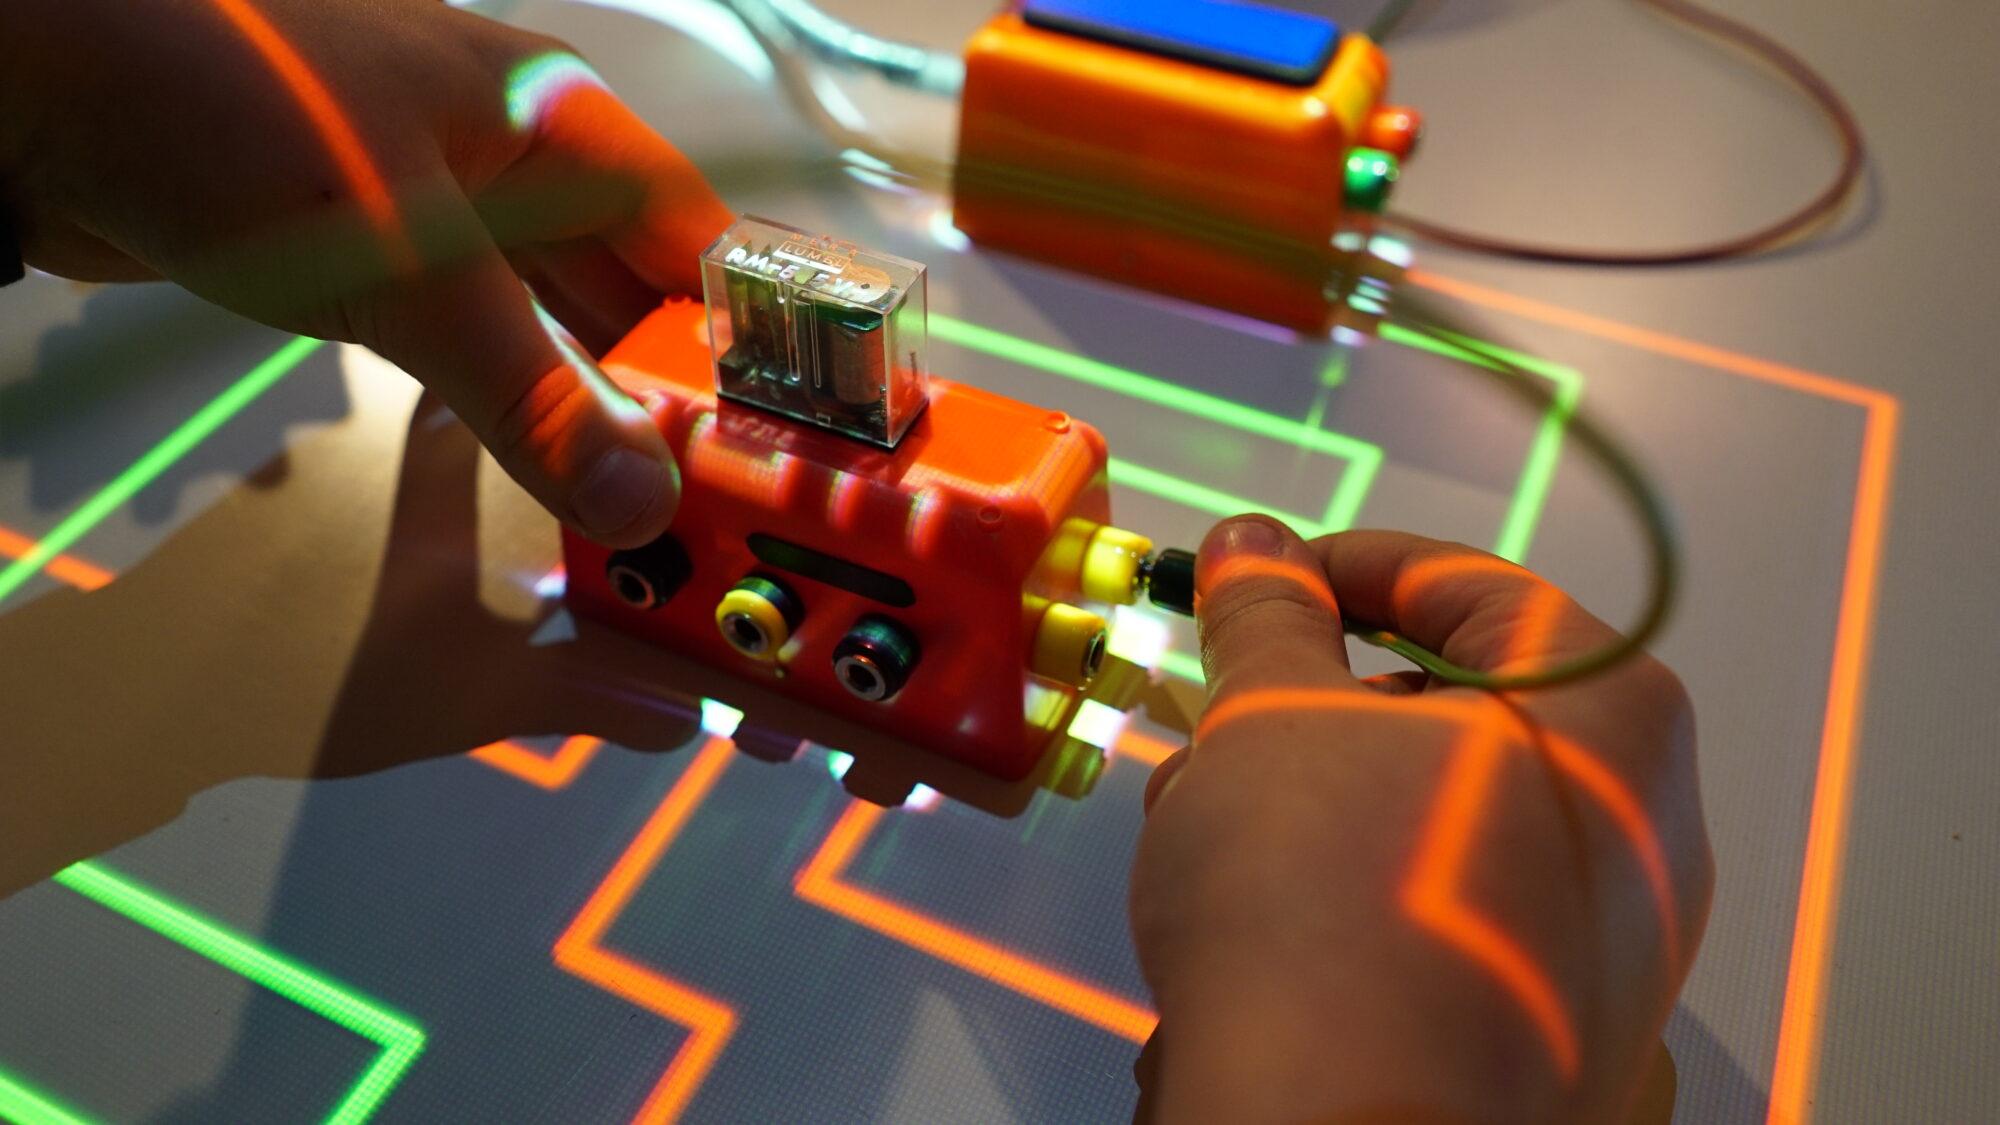 Schematy elektrotechniczne wyświetlane na stole magnetycznym w Pracowni H2O